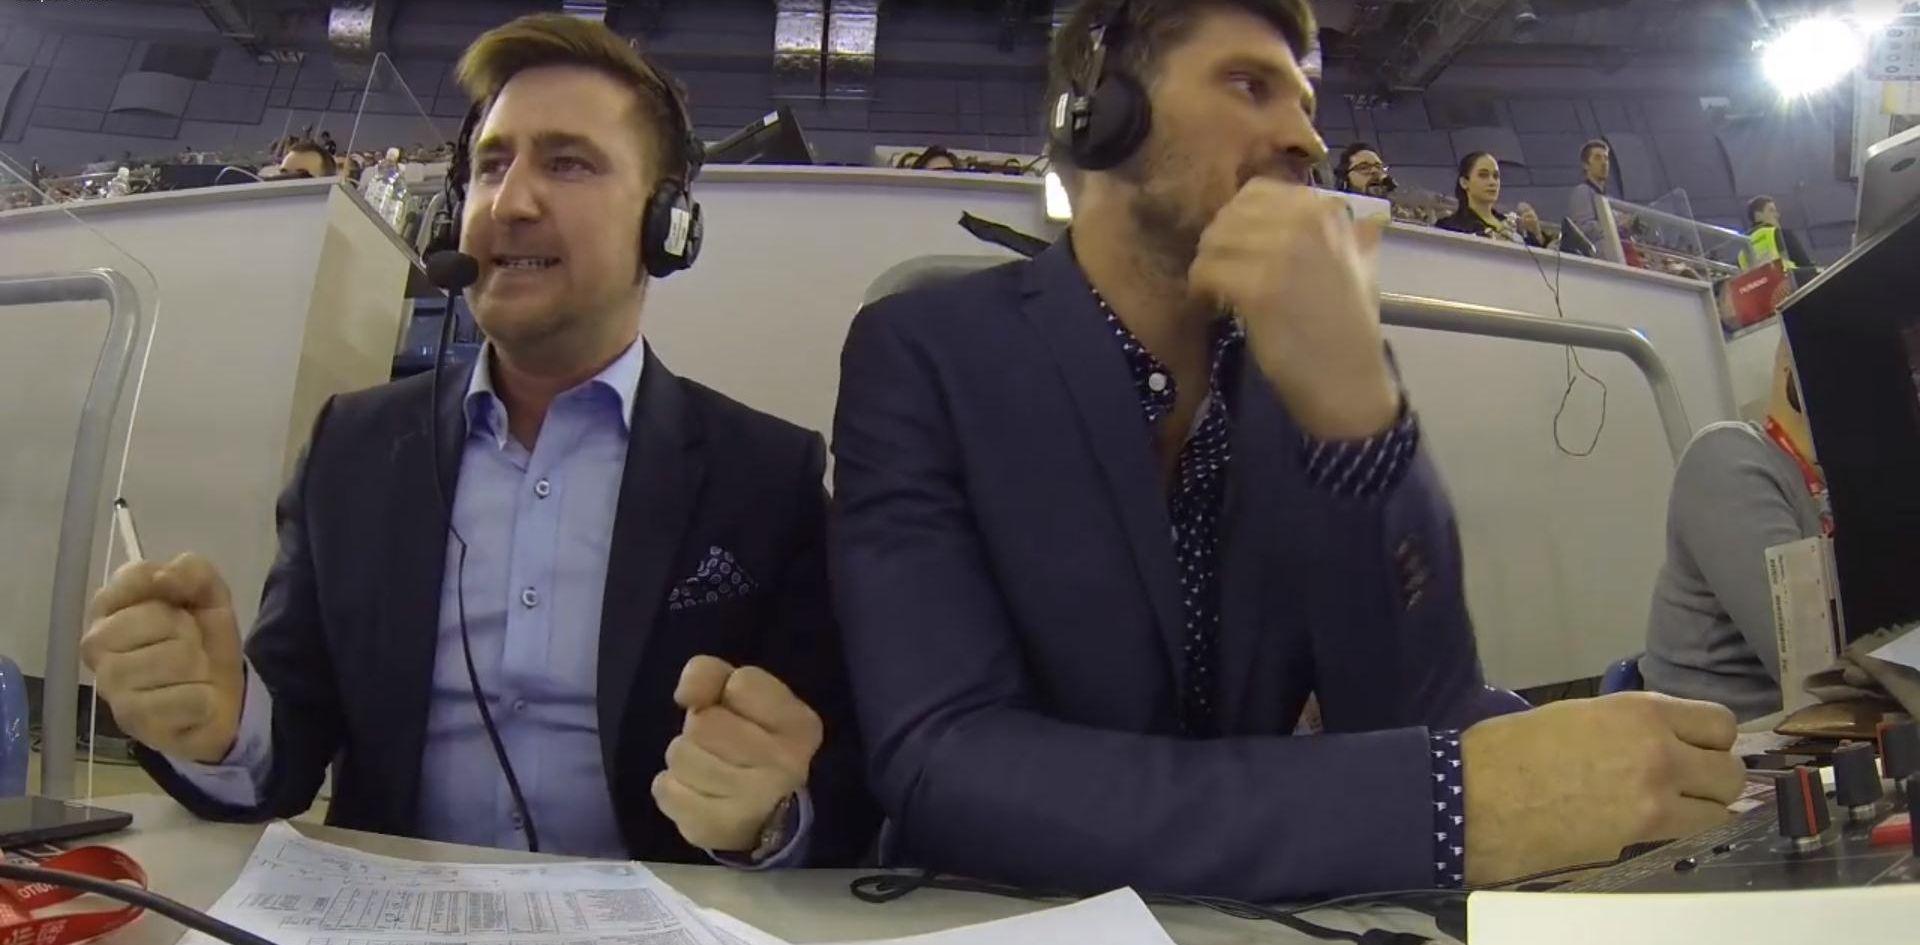 VIDEO: URNEBES NA TRIBINAMA Pogledajte kako su pobjedu protiv Francuza 'odradili' norveški komentatori